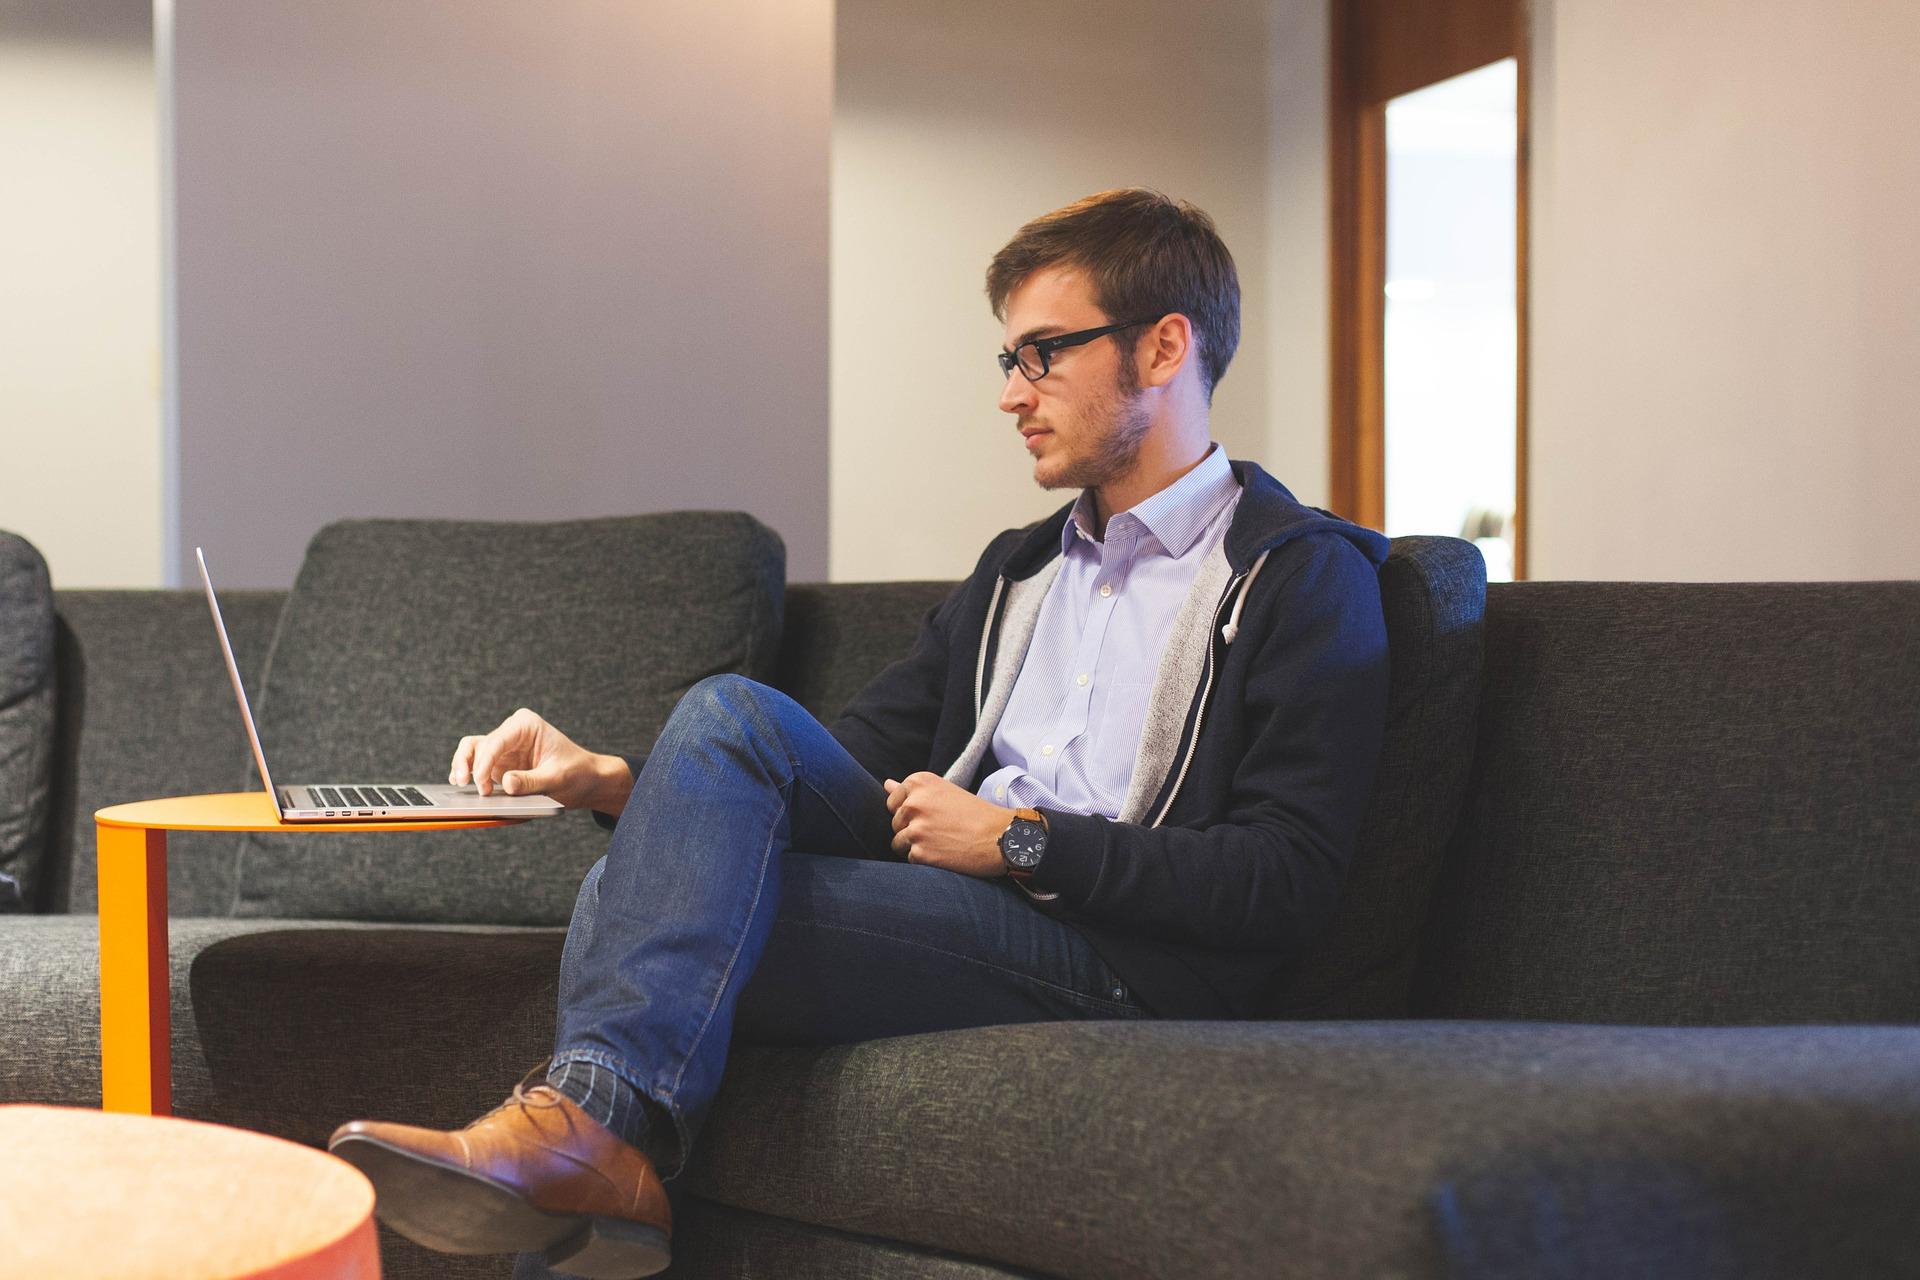 Homme qui écrit sur un ordinateur